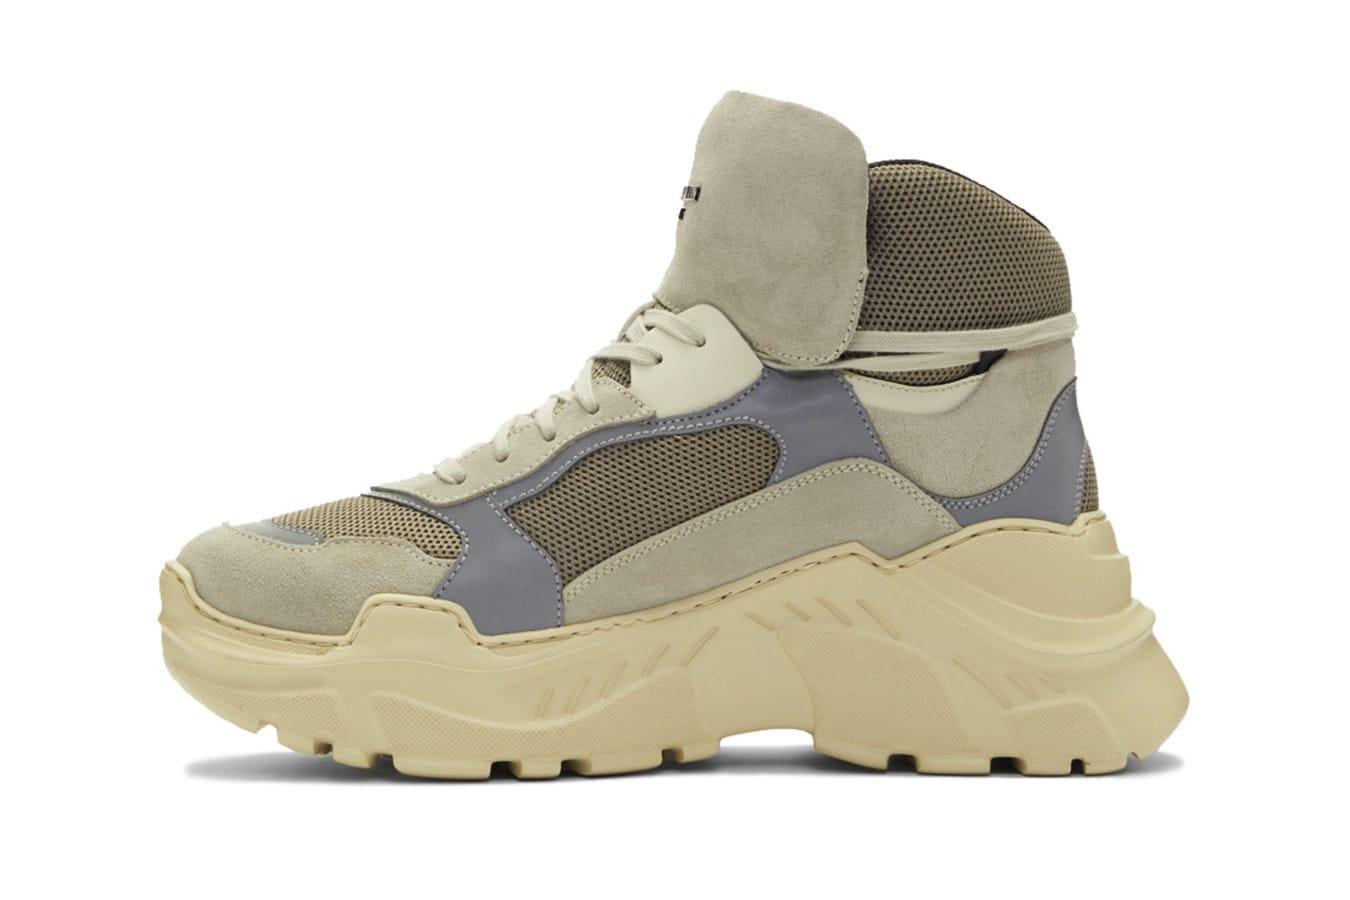 Balmain Joan Sneakers Release | HYPEBEAST